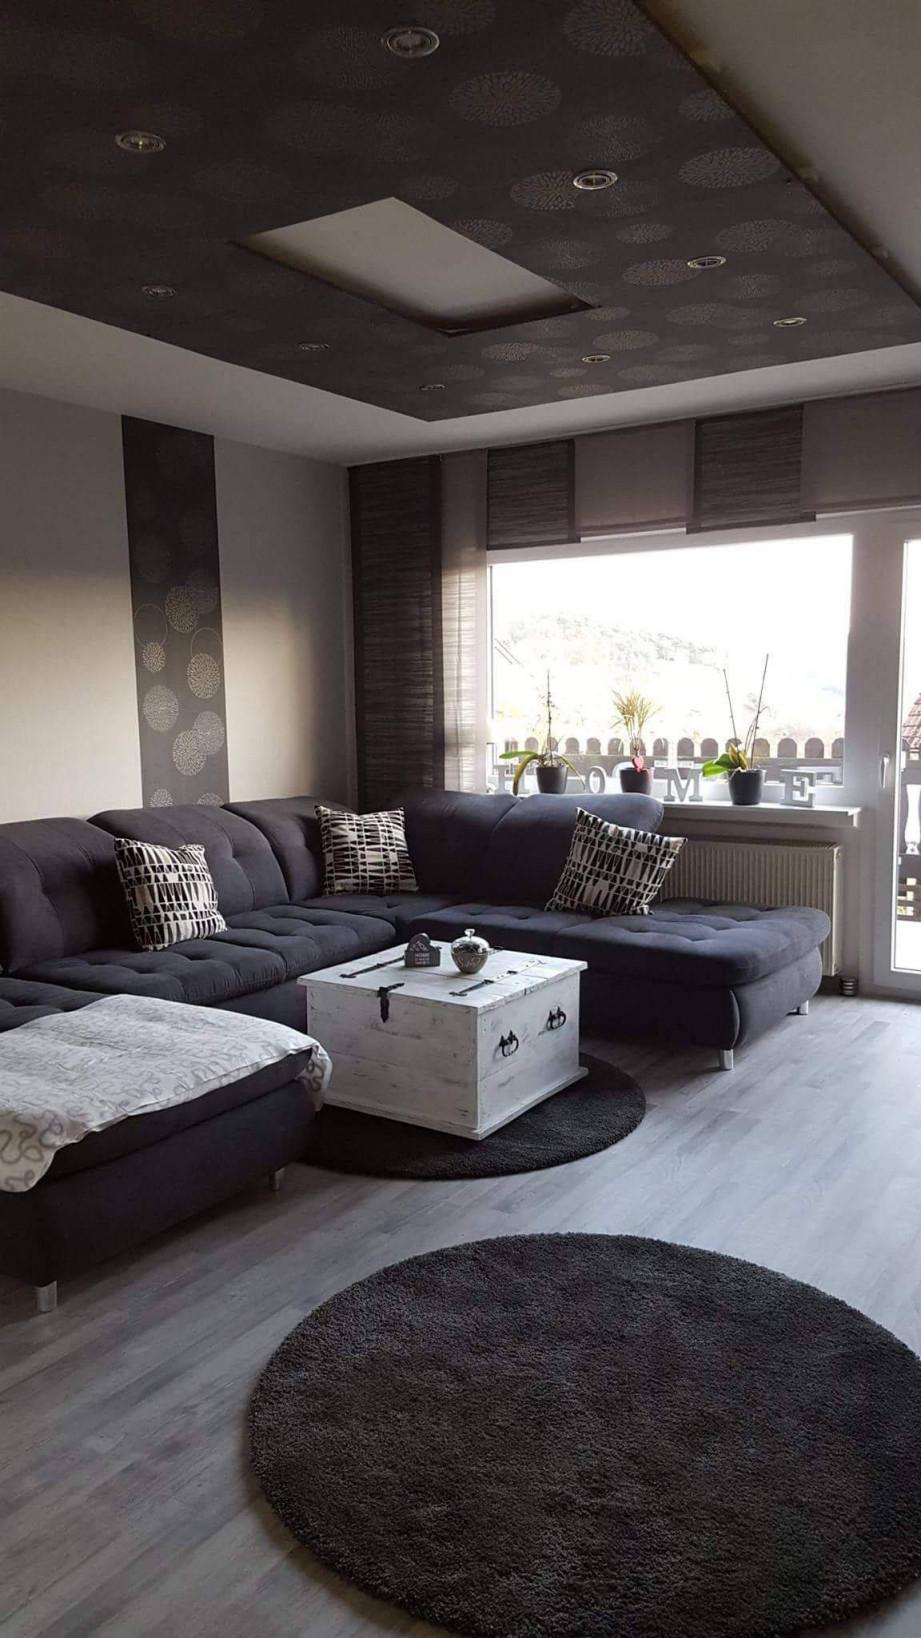 Wohnzimmer Weiß Grau Luxus Wohnzimmer Ideen Grau Weiß Neu von Wohnzimmer Ideen Weiß Photo